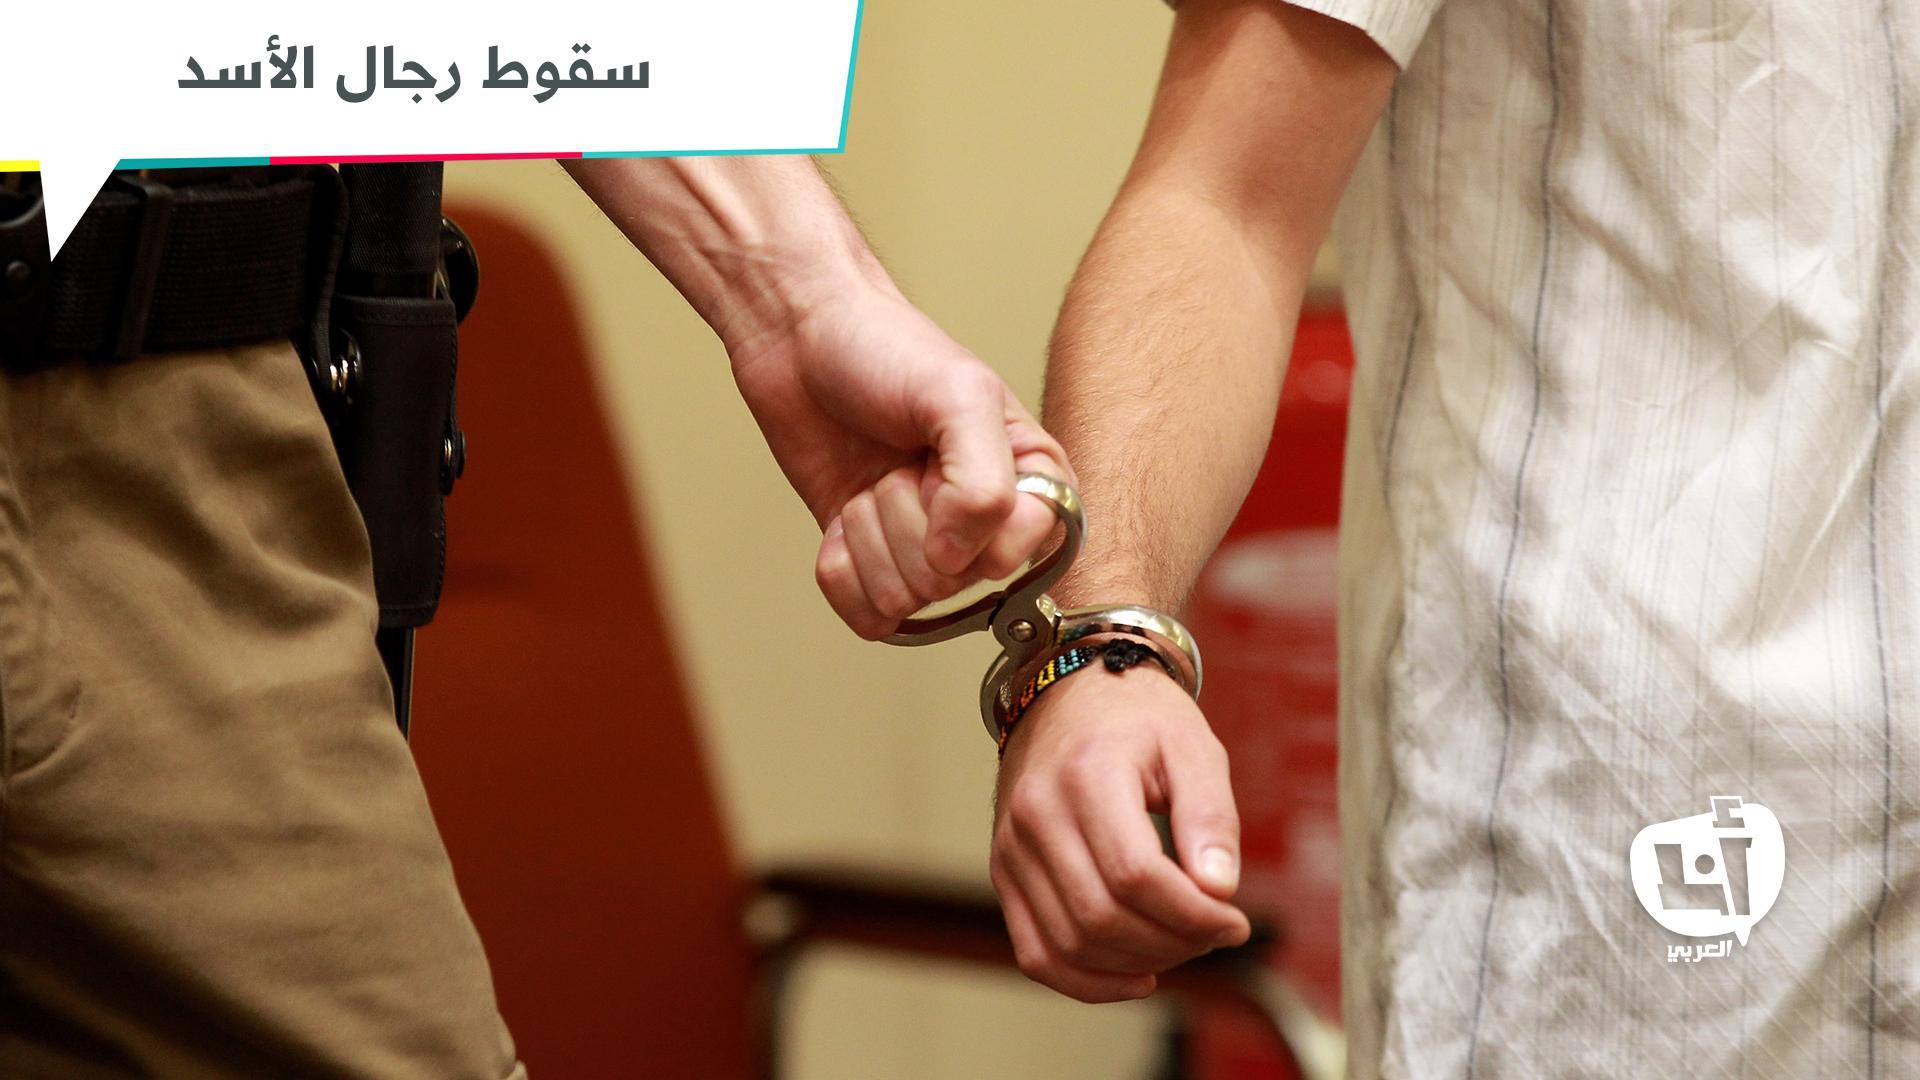 مجرمو نظام الأسد